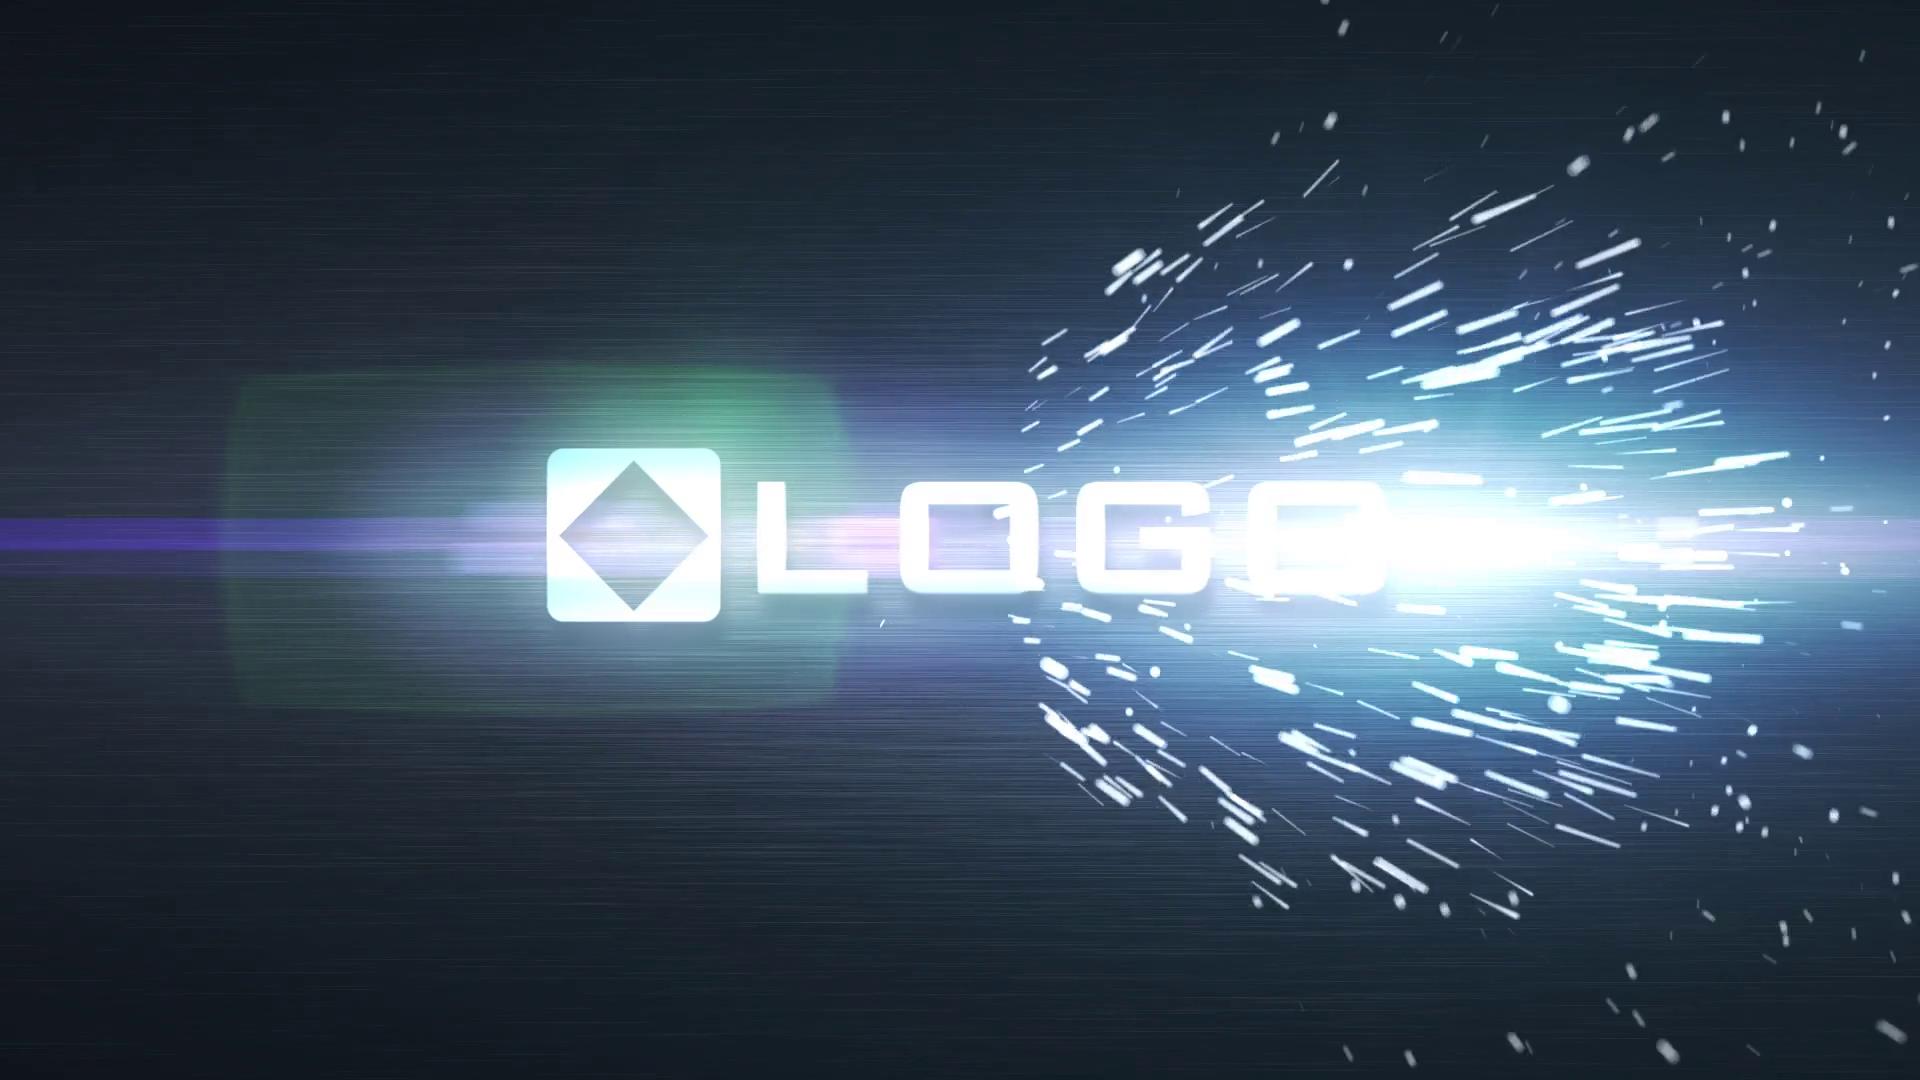 Intro thường chứa Logo của đơn vị được nhắc tới trong video